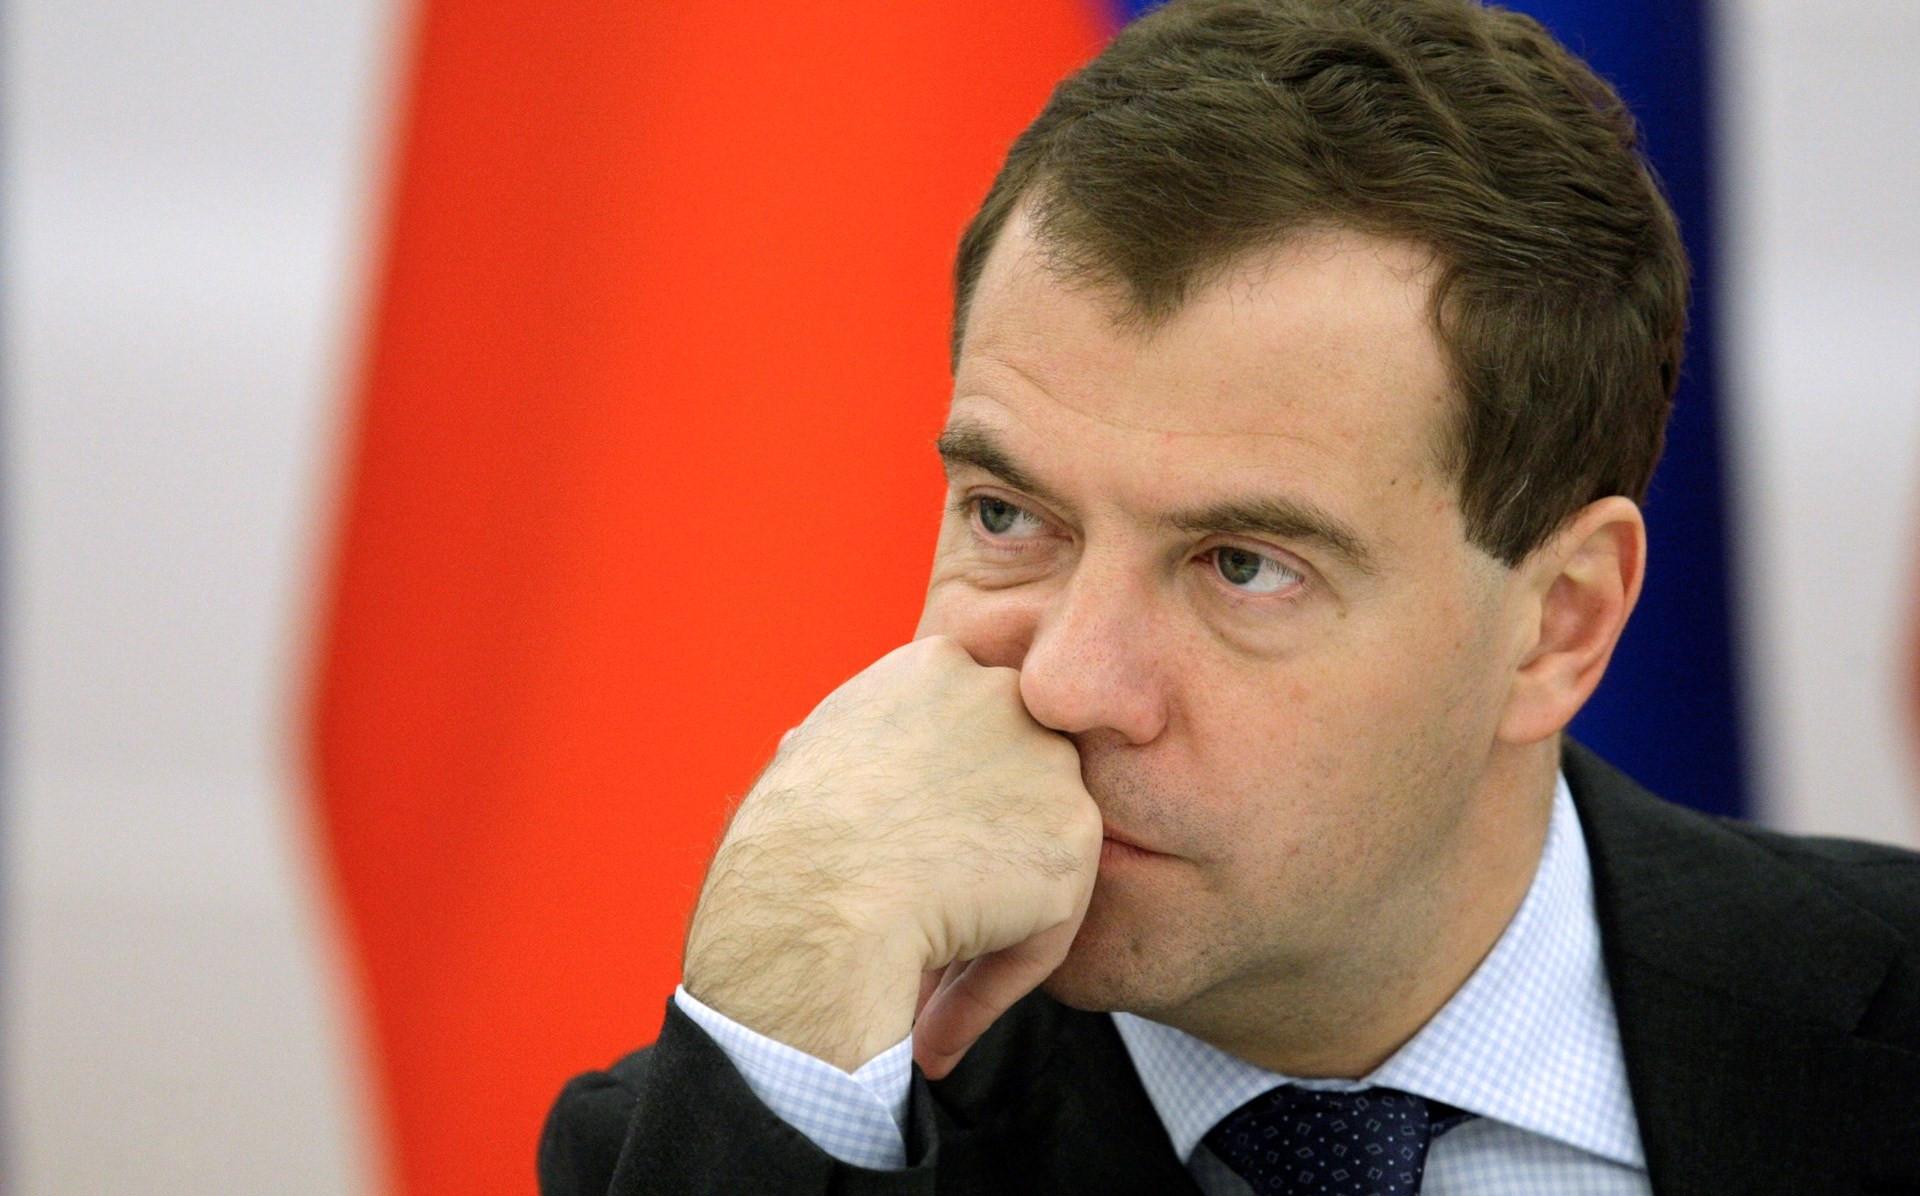 Медведев жалуется на людей и пенсионную реформу